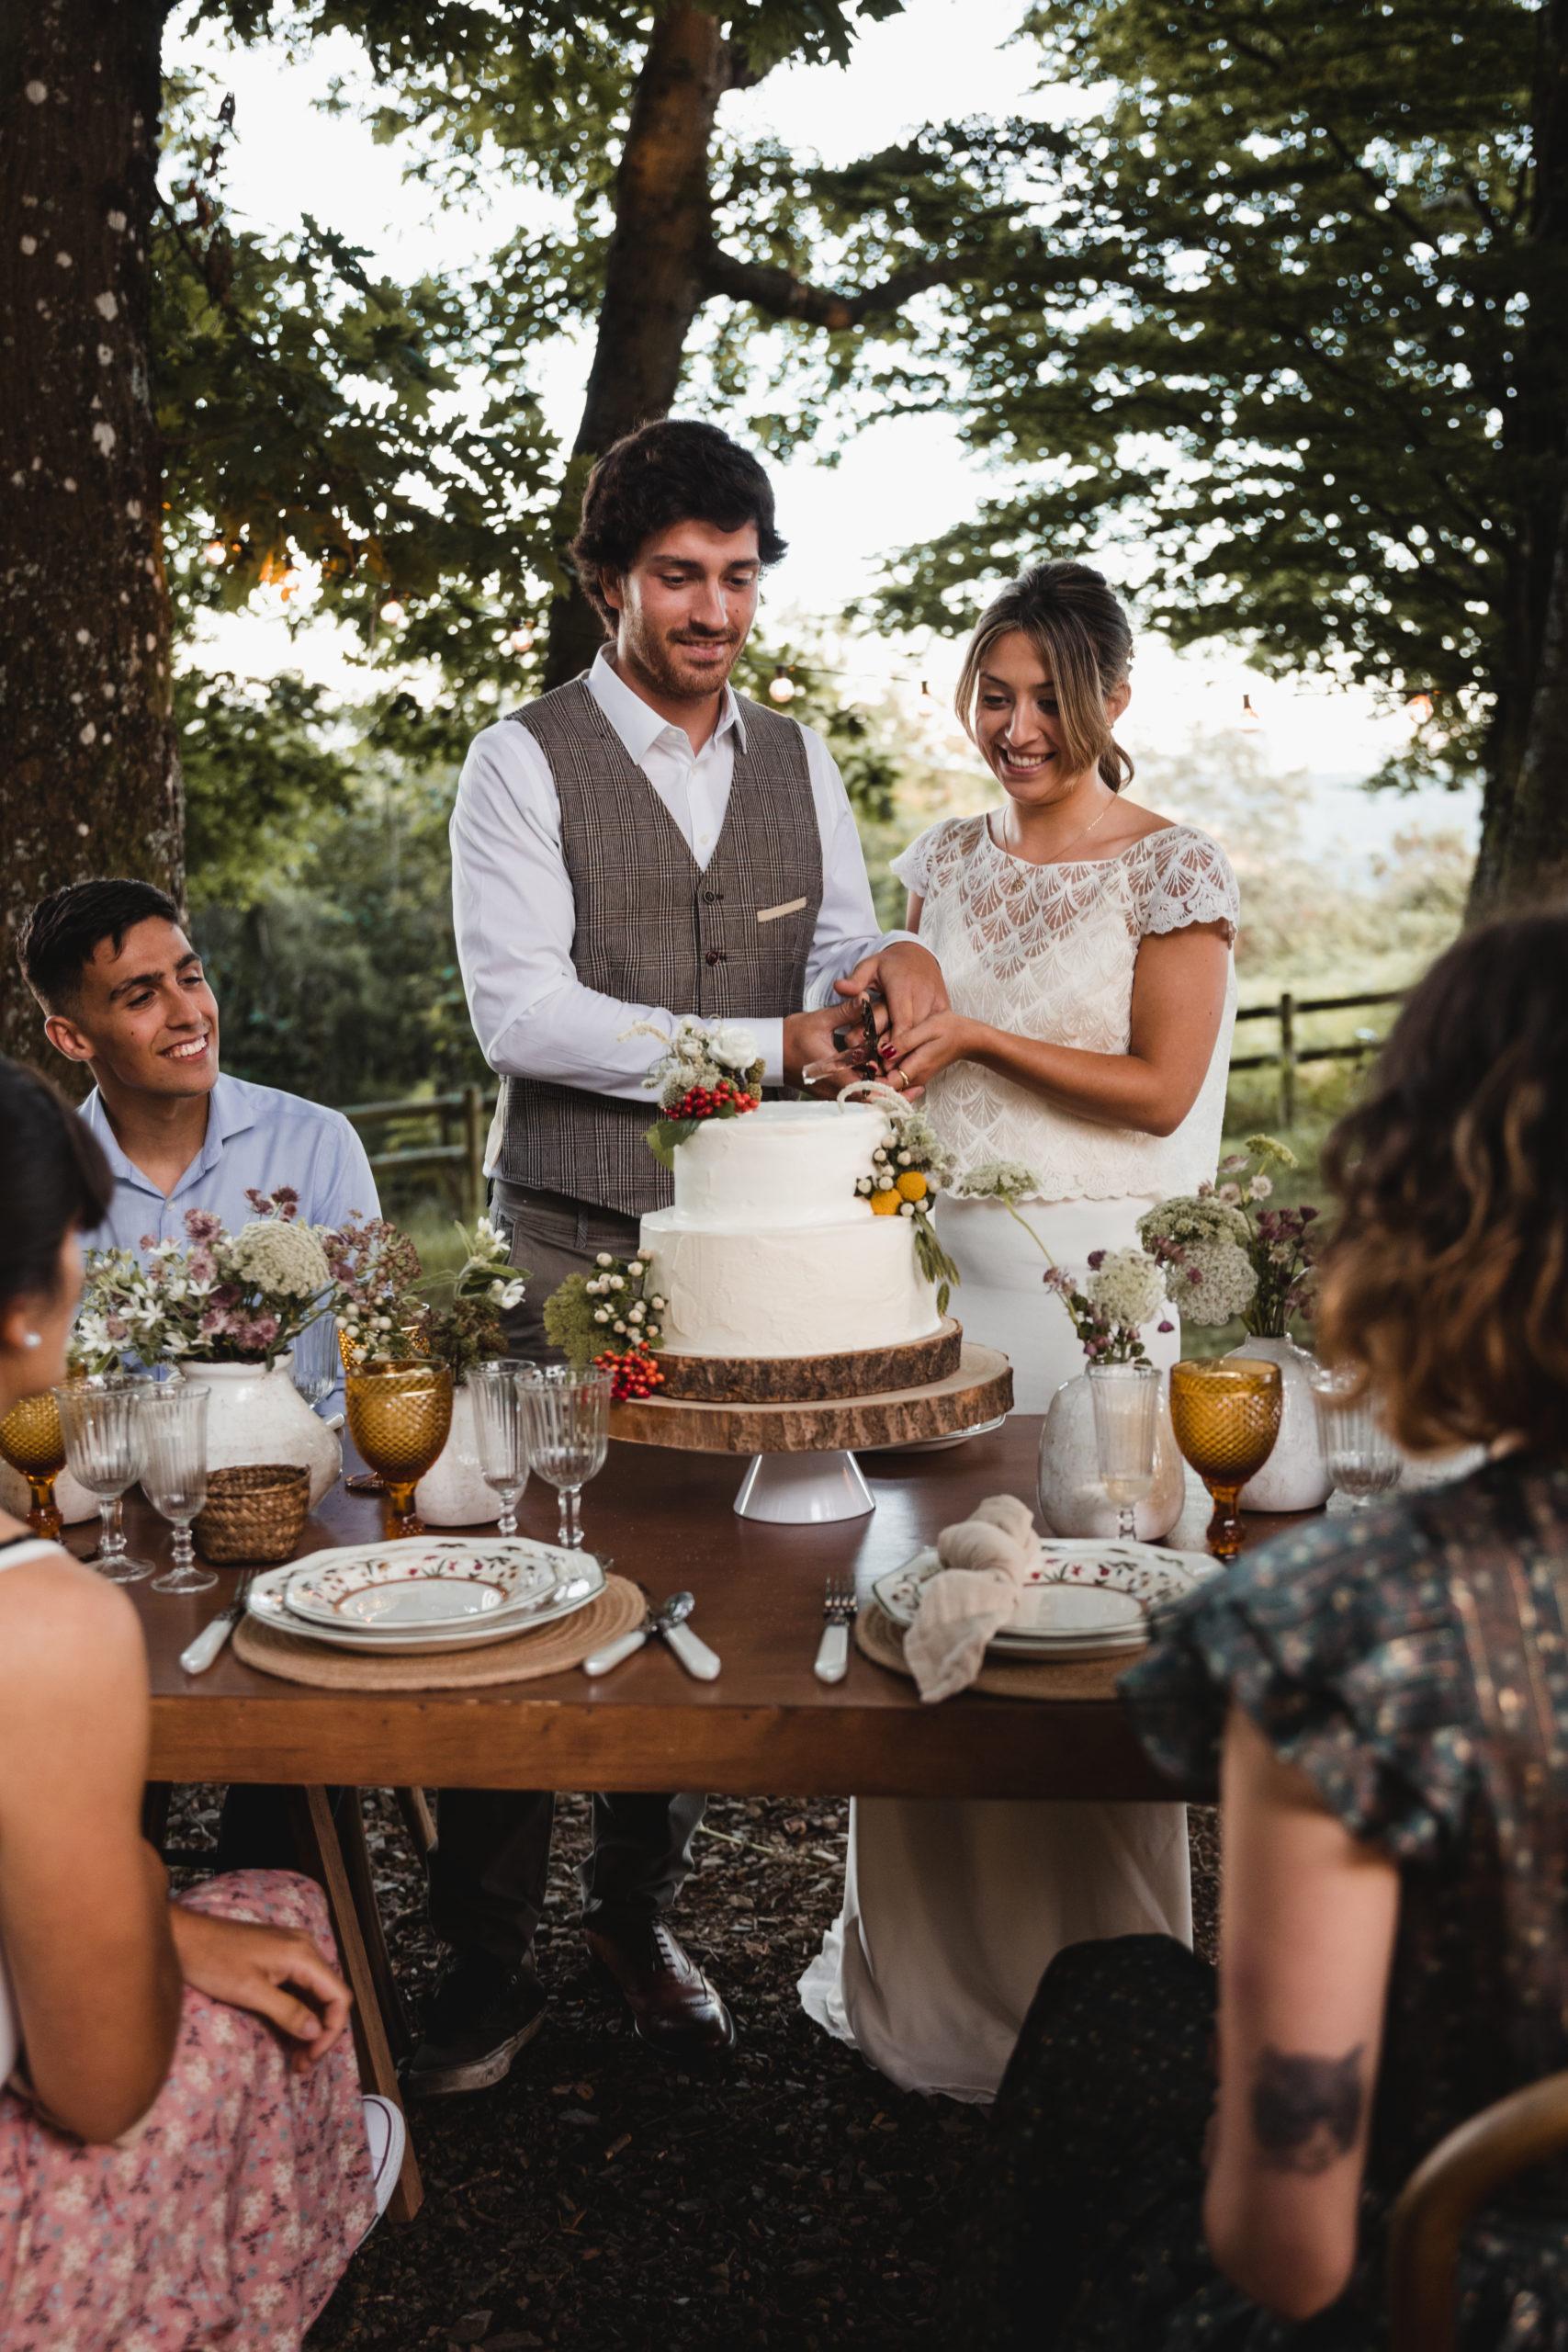 Corte de tarta en un banquete en la montaña